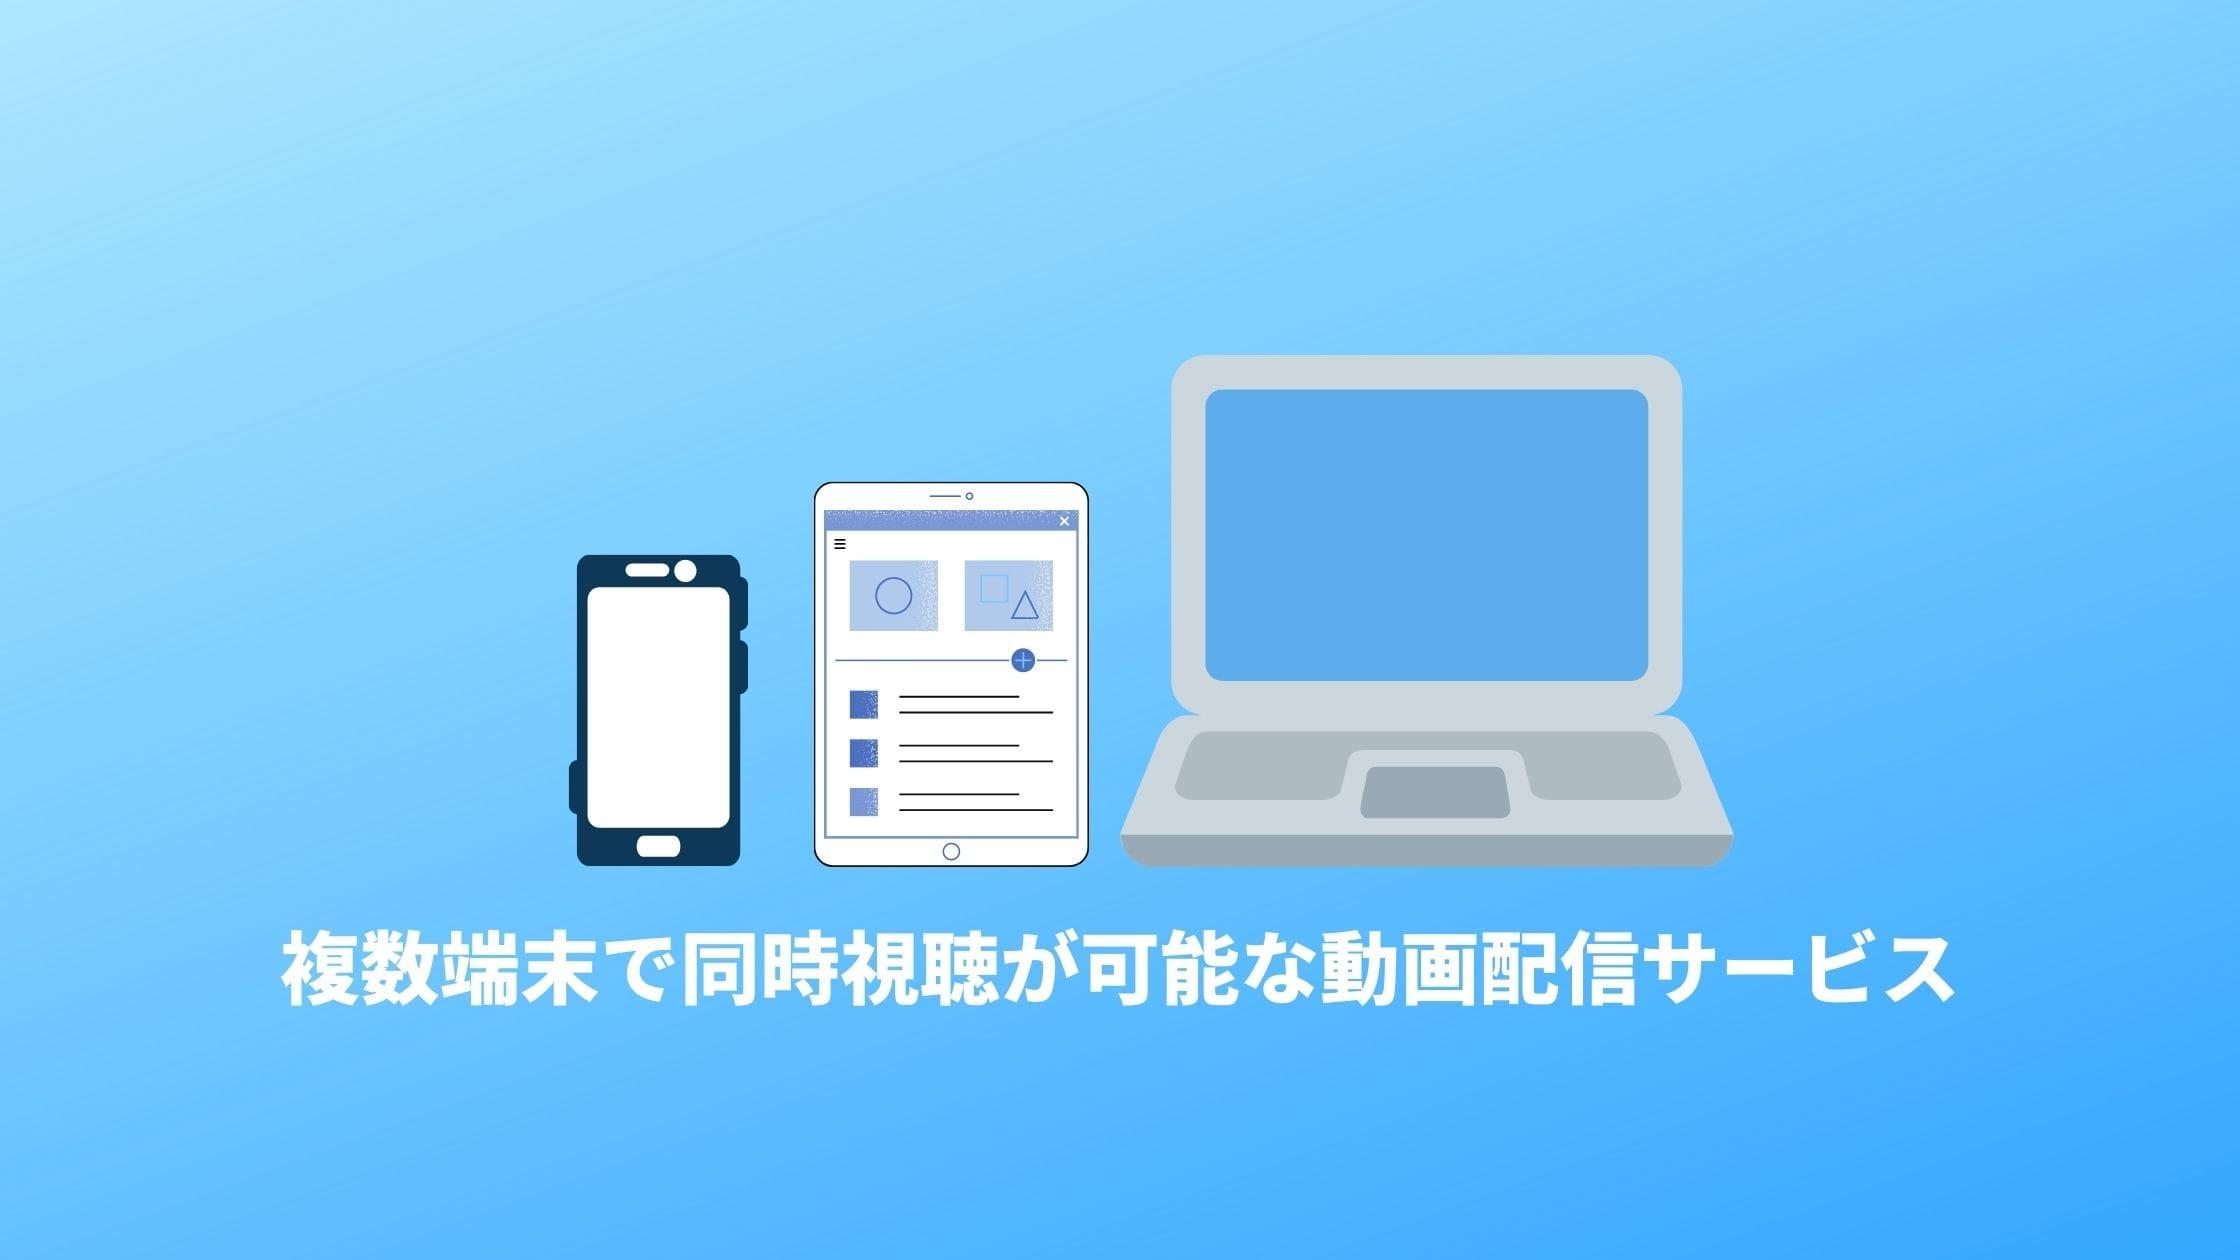 複数端末で同時視聴が可能な動画配信サービス